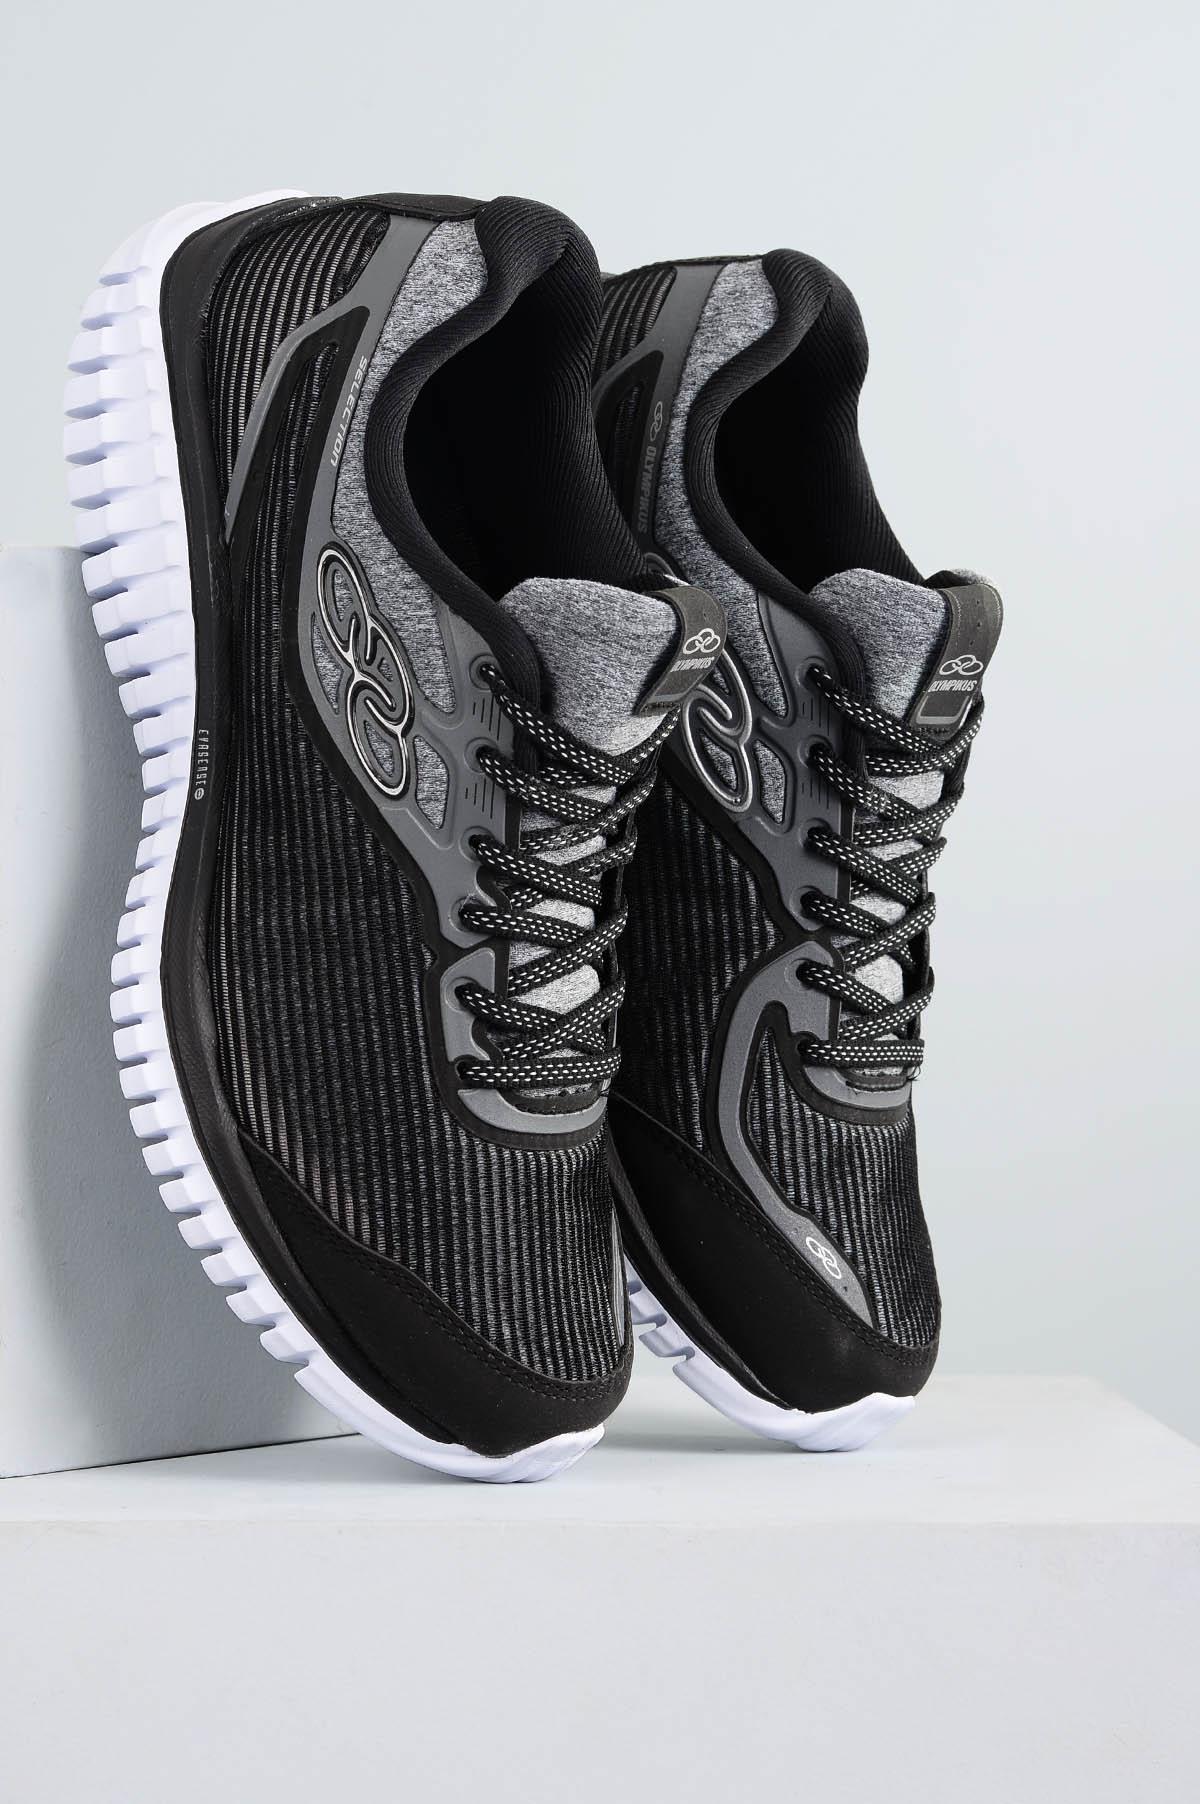 9a5d14b5fe5 Tênis Olympikus Selection TEC - PRETO - Mundial Calçados